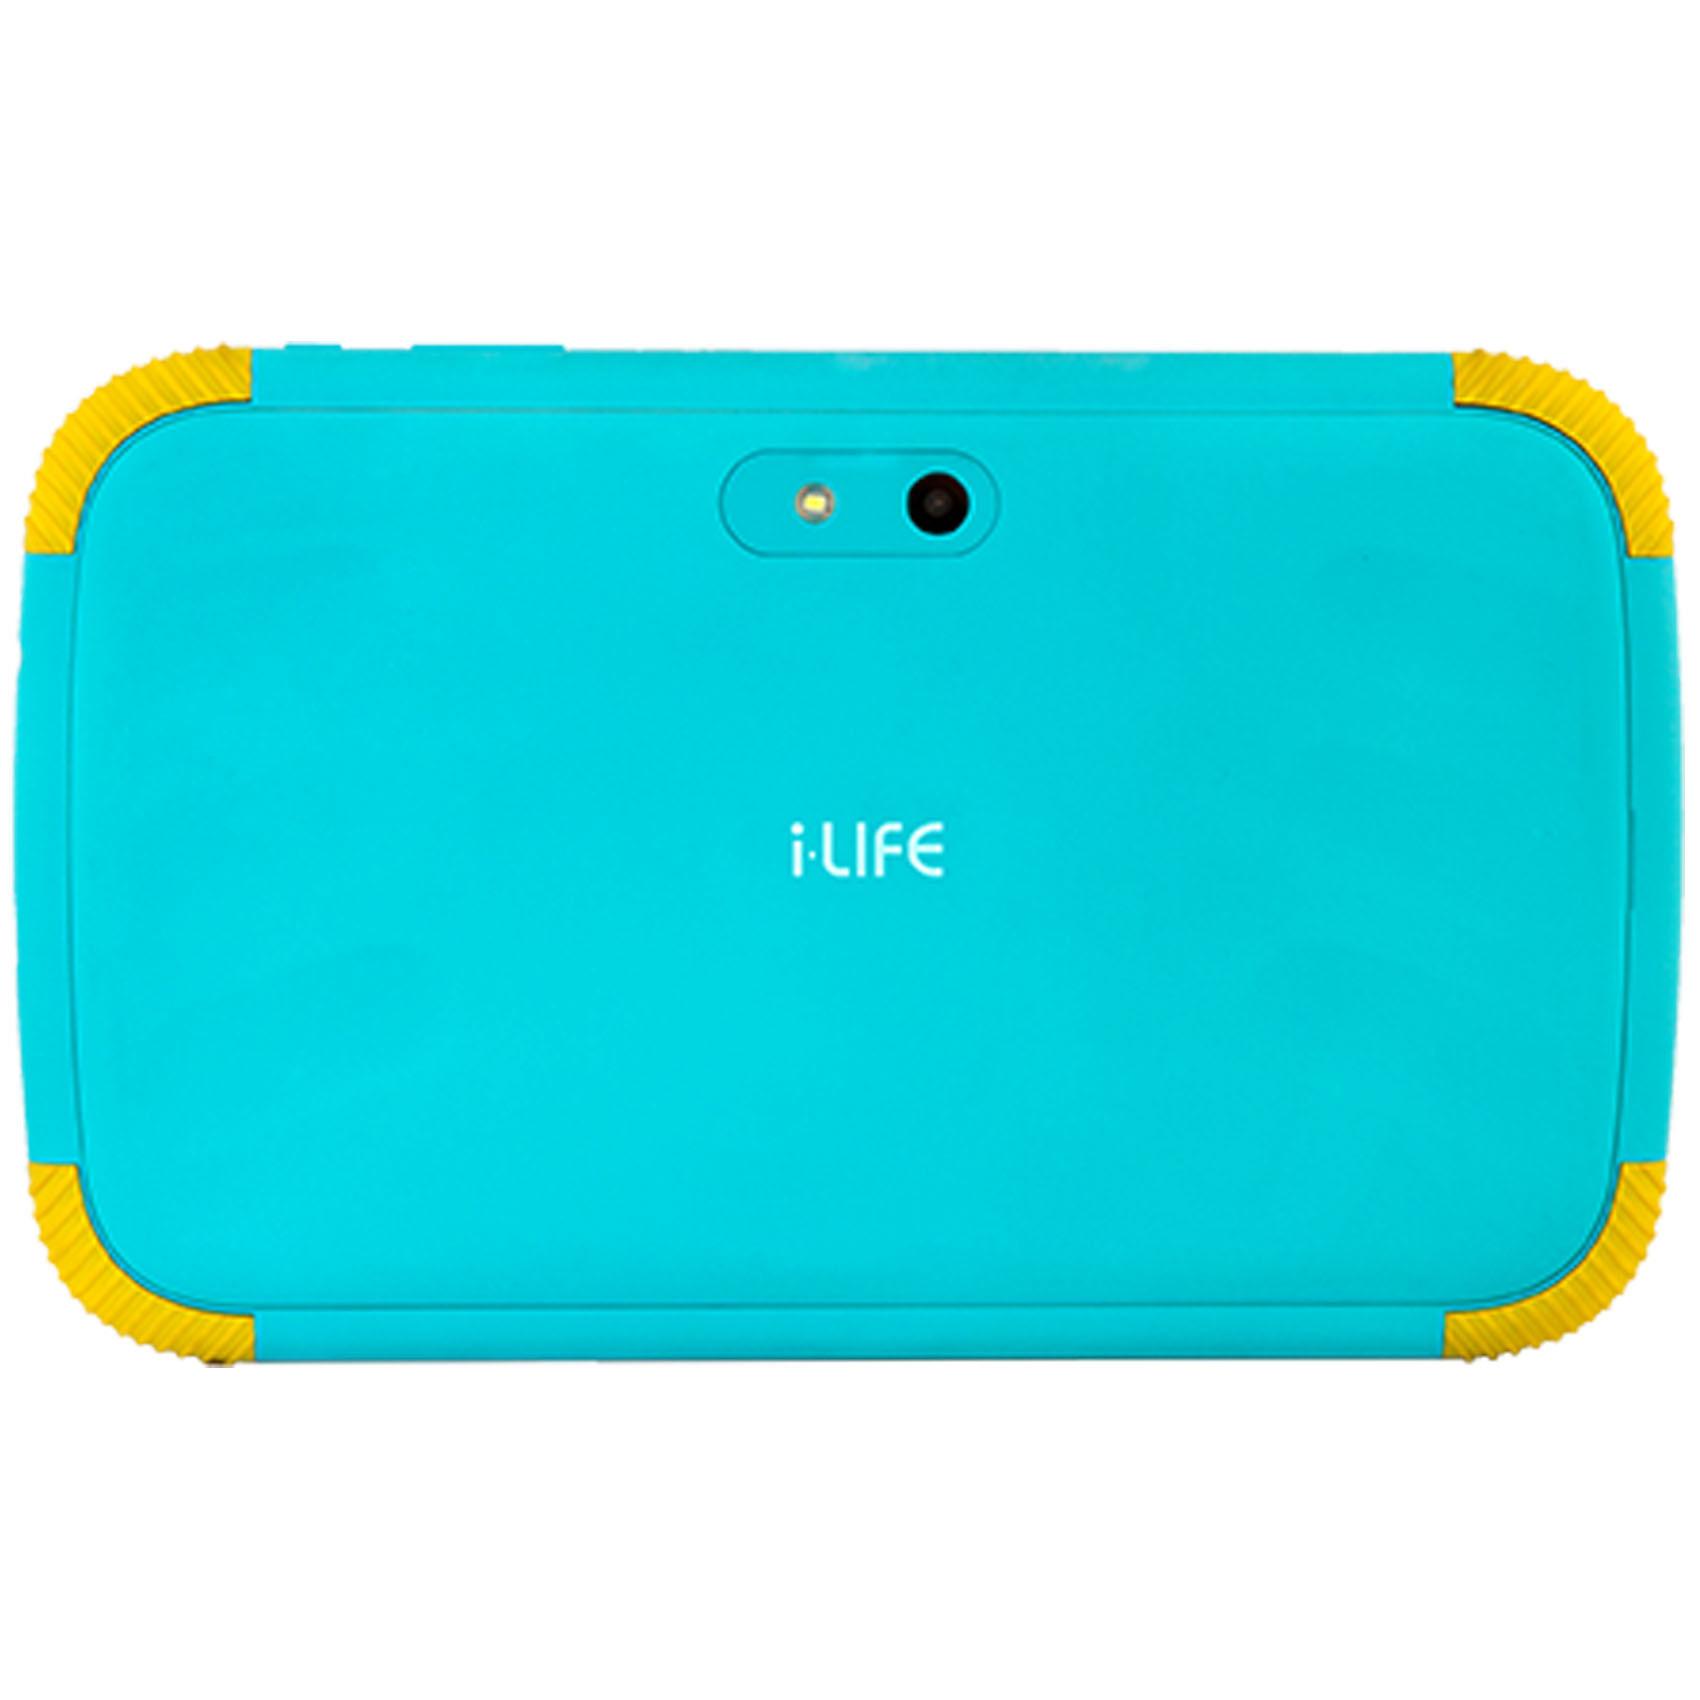 ILIFE TAB KIDS 3G BL 1/8/7